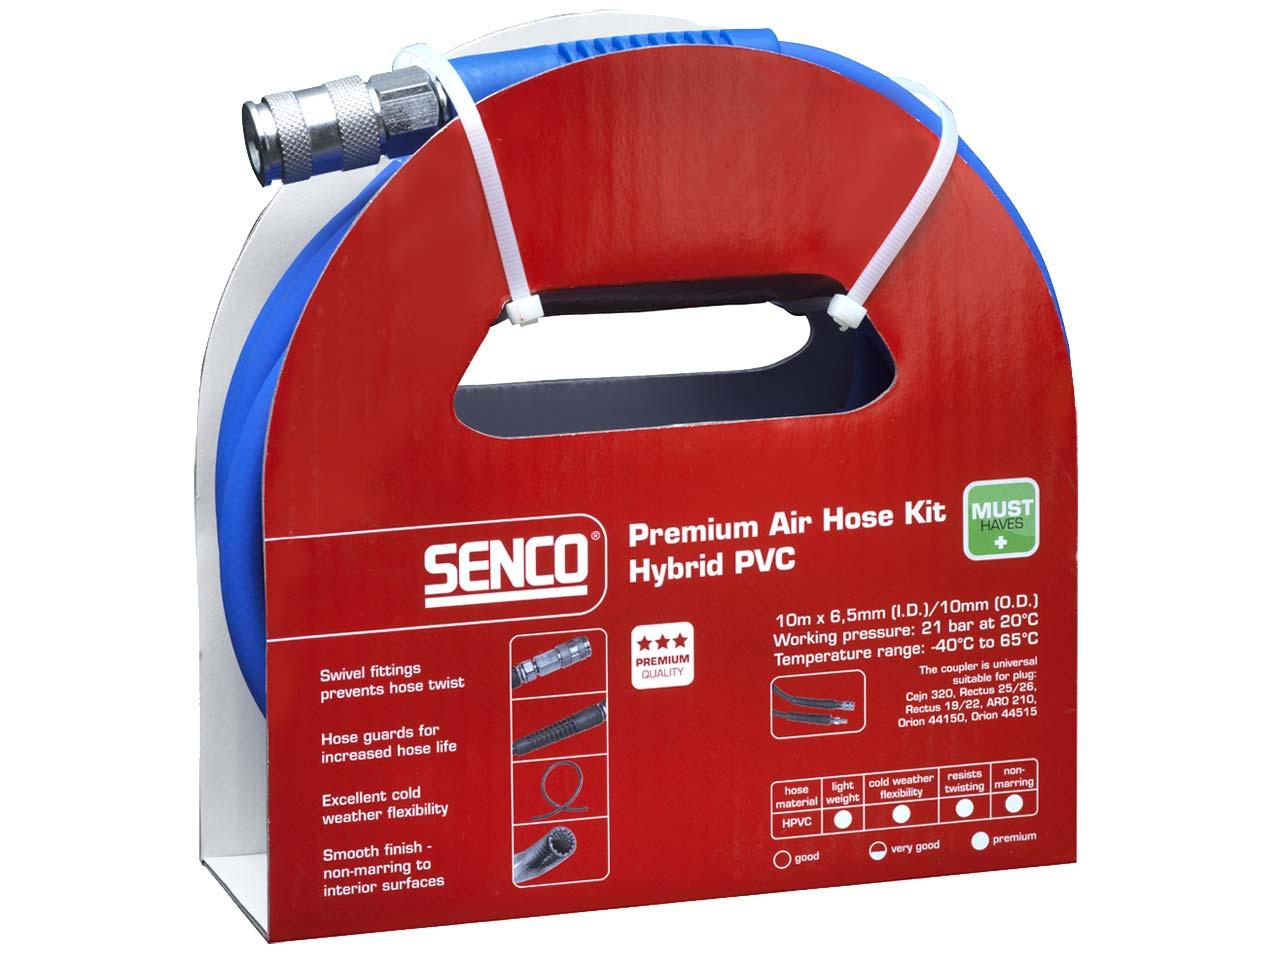 Senco_4000651.jpg